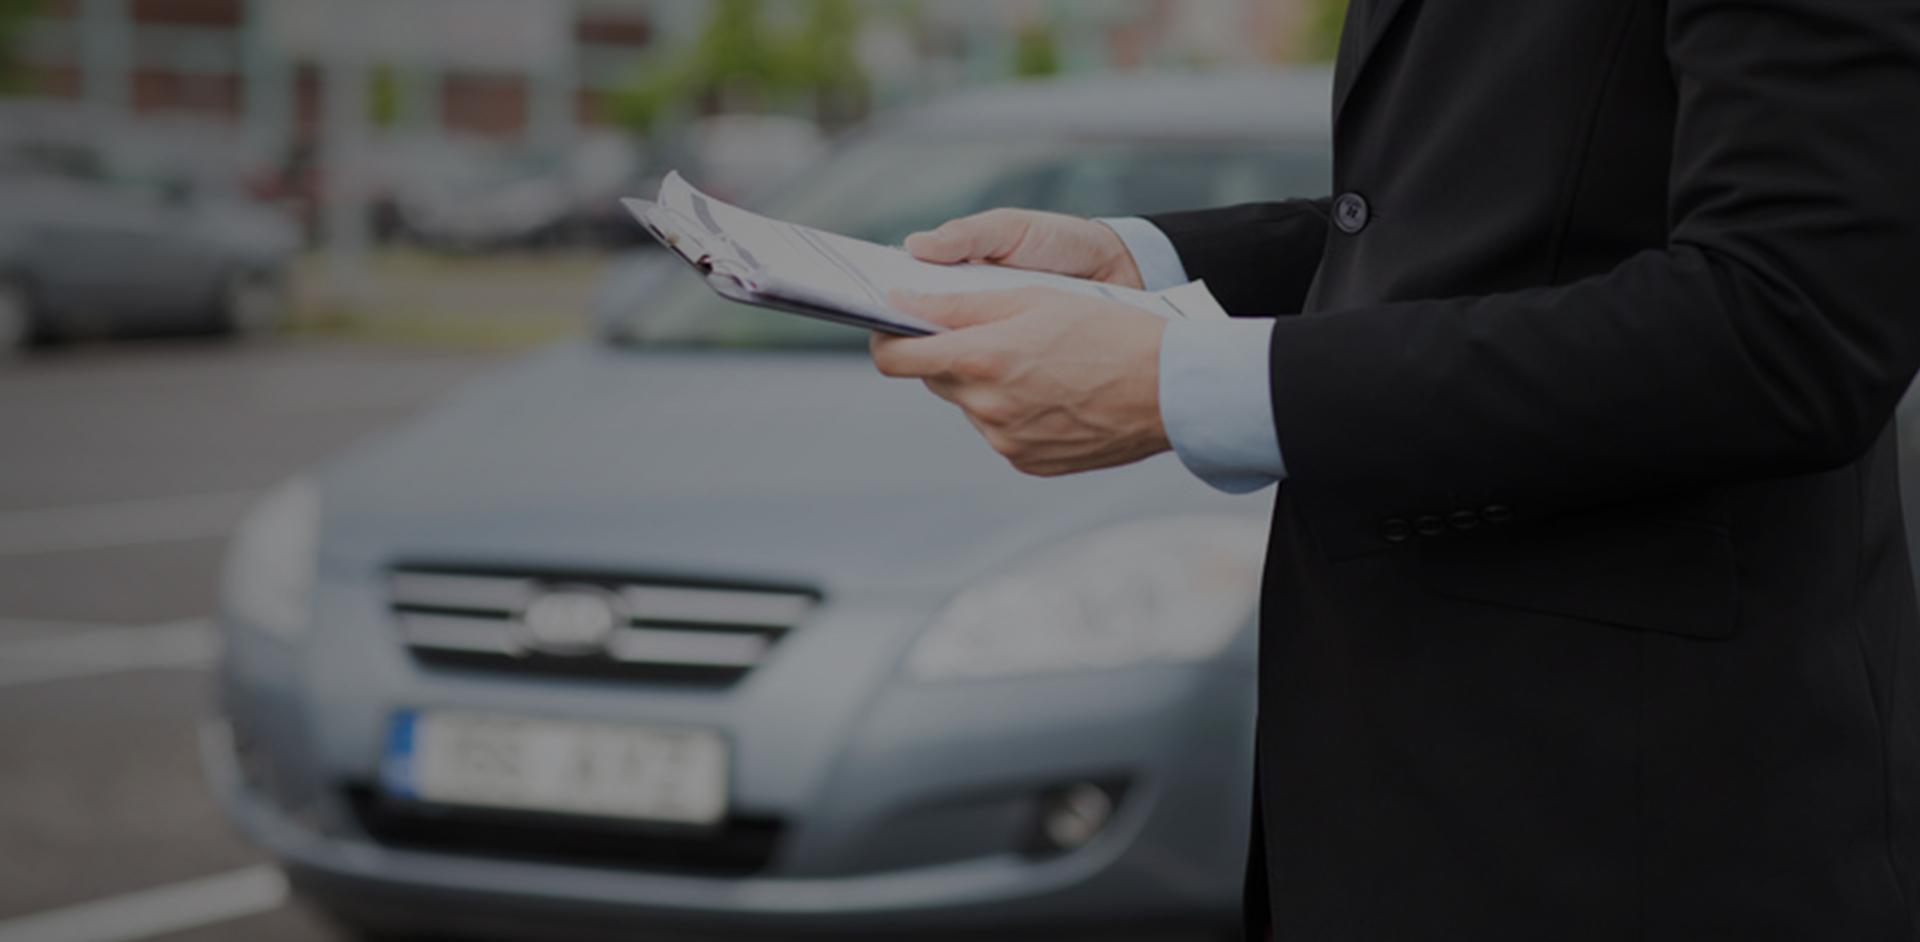 annulation de vente de voiture d u0026 39 occasion   v u00e9hicule d u00e9fectueux et r u00e9tractation